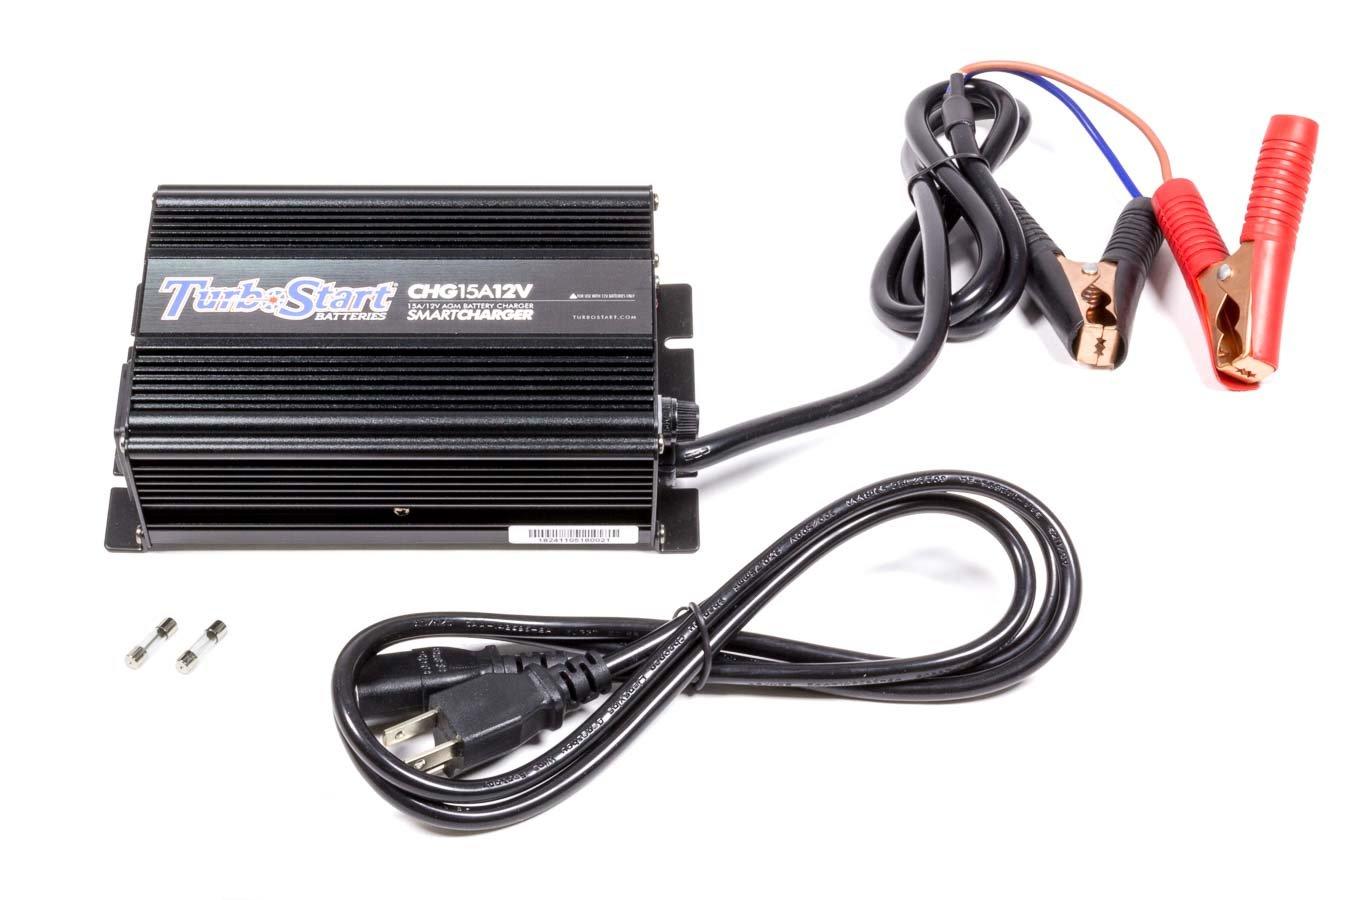 Turbostart CHG15A12V SMART Charger